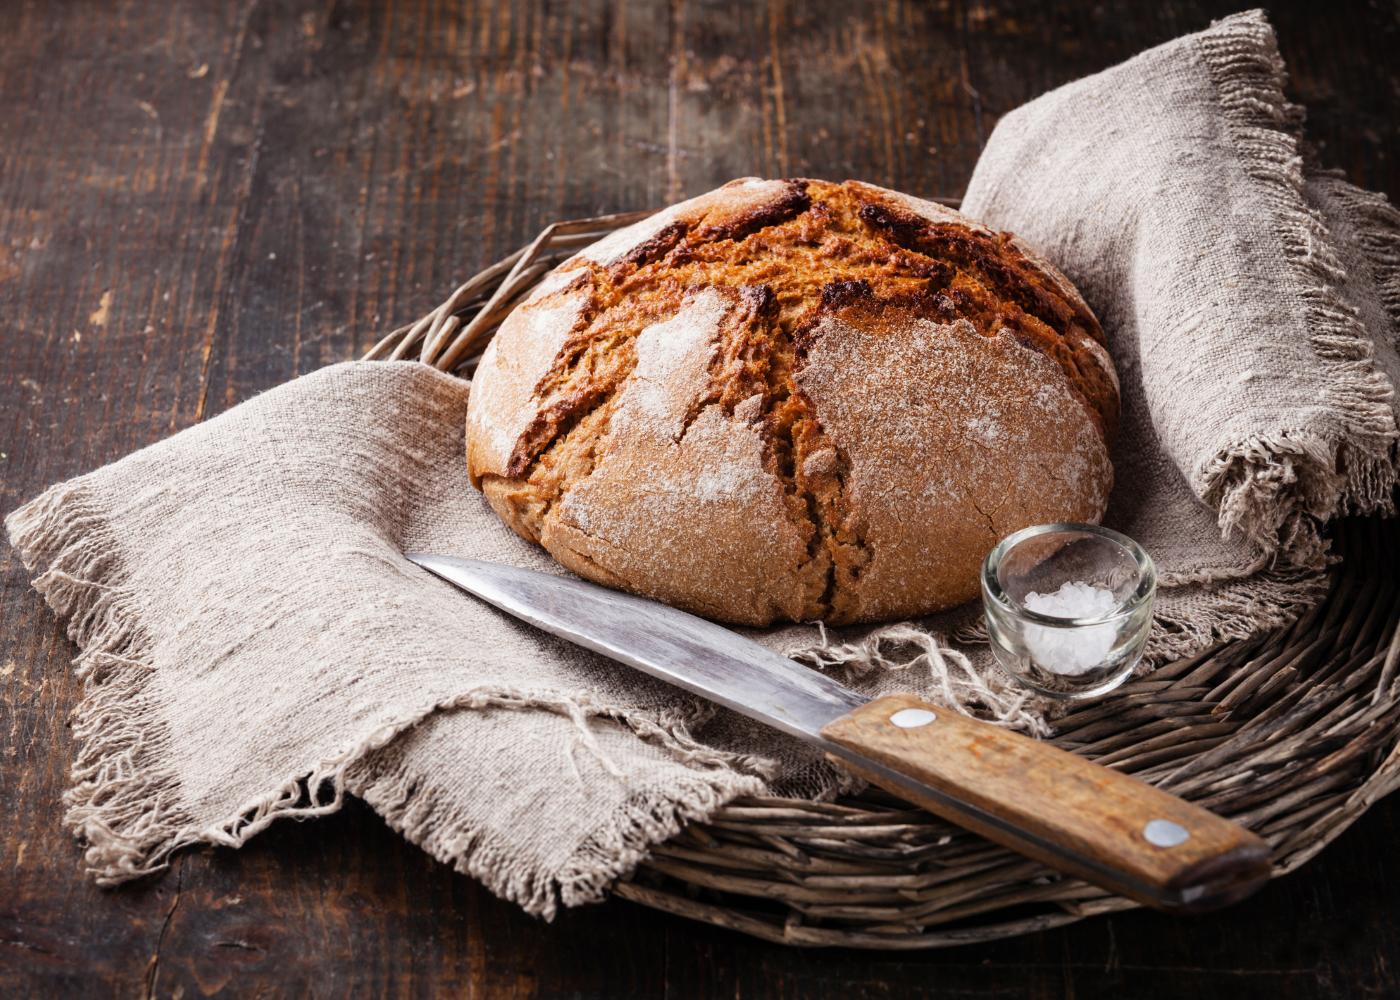 pão de centeio com faca para cortar